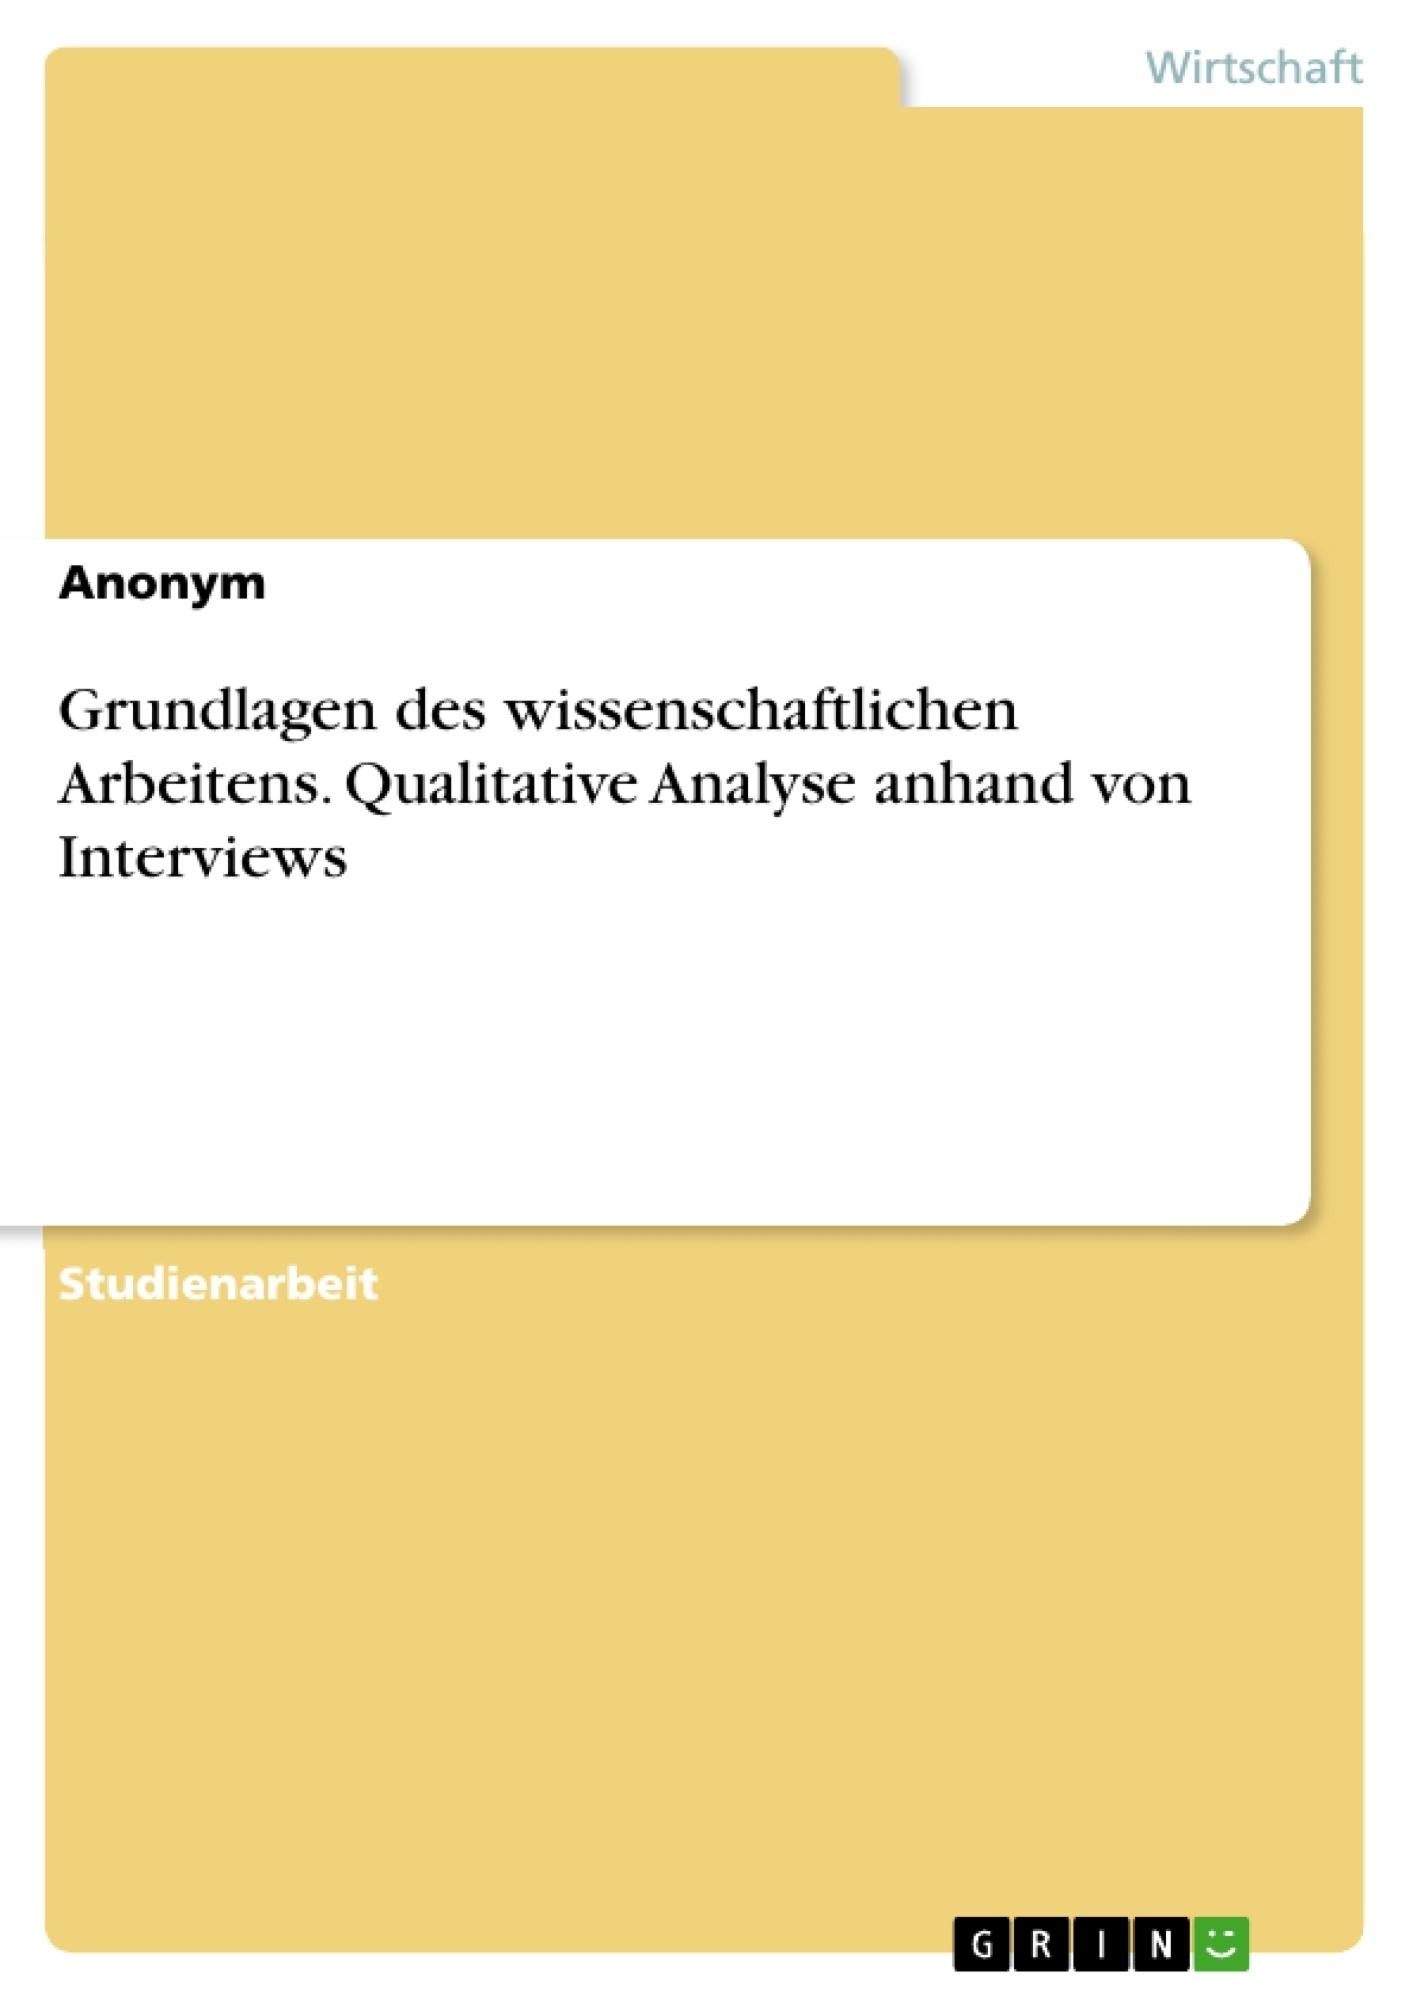 Titel: Grundlagen des wissenschaftlichen Arbeitens. Qualitative Analyse anhand von Interviews